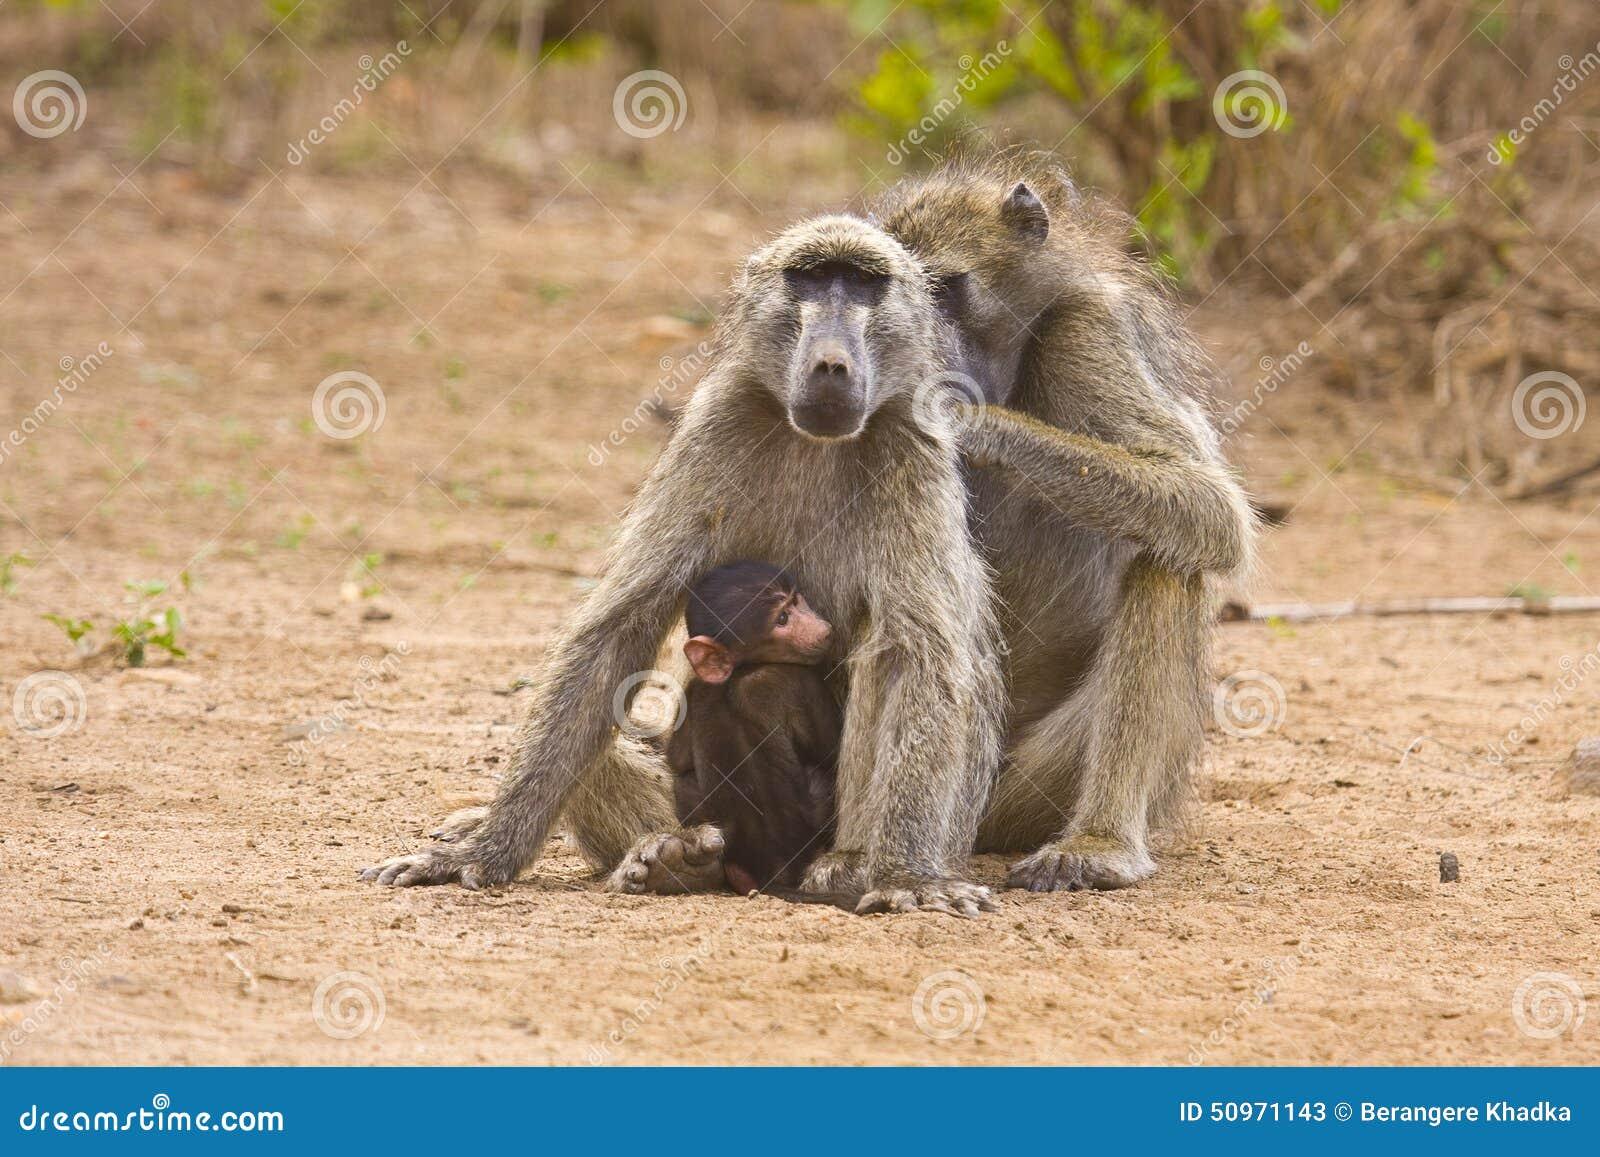 狒狒父亲狮子口下勇救幼崽_父亲,母亲和小狒狒,克鲁格,南非